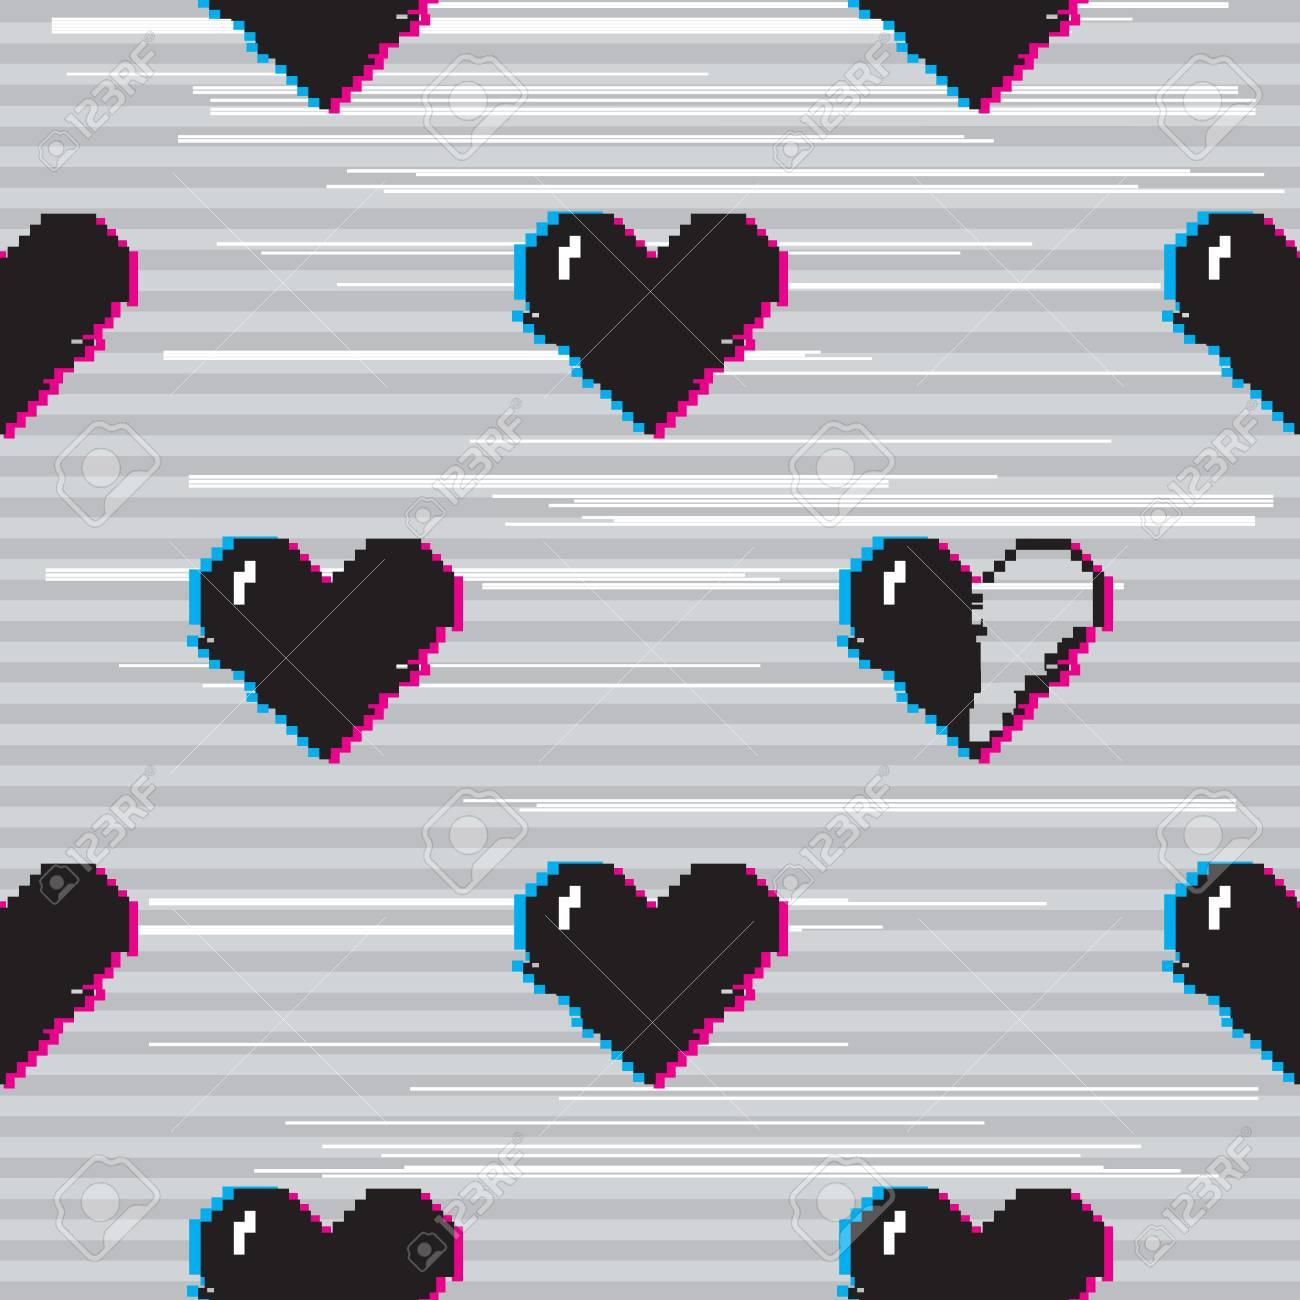 Modèle Sans Couture De Vecteur Avec 8 Bits Pixel Art Style Coeurs Noirs Sur Fond Gris Avec Effet Glitch Vhs Un Coeur Est à Moitié Plein